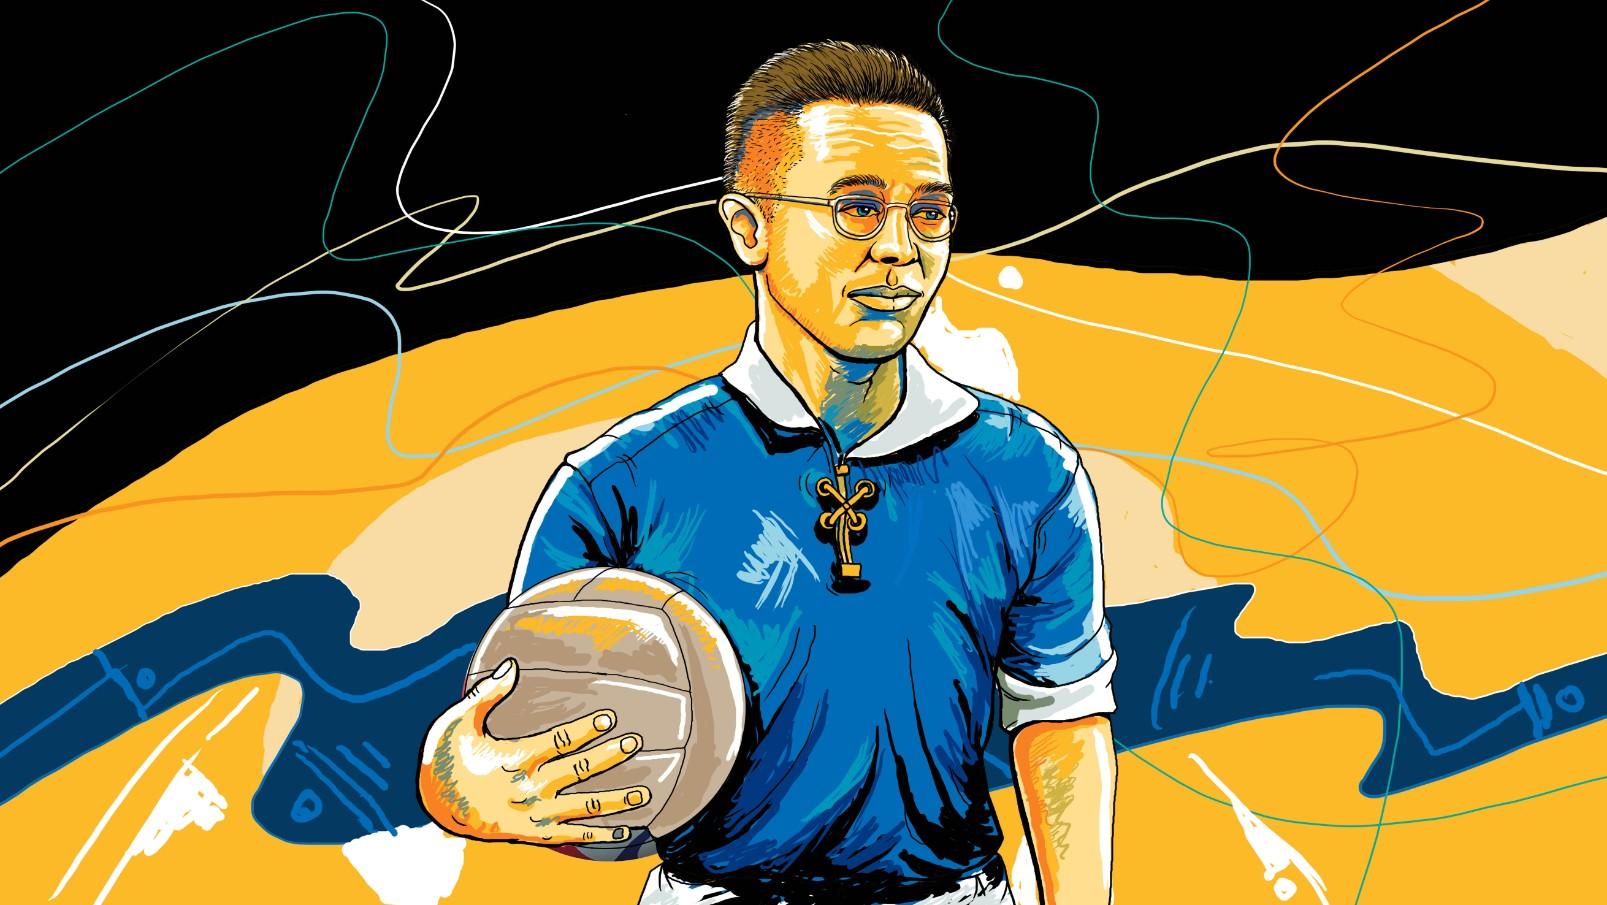 Calon Dokter Jadi Kapten Tim Indonesia Di Piala Dunia 1938